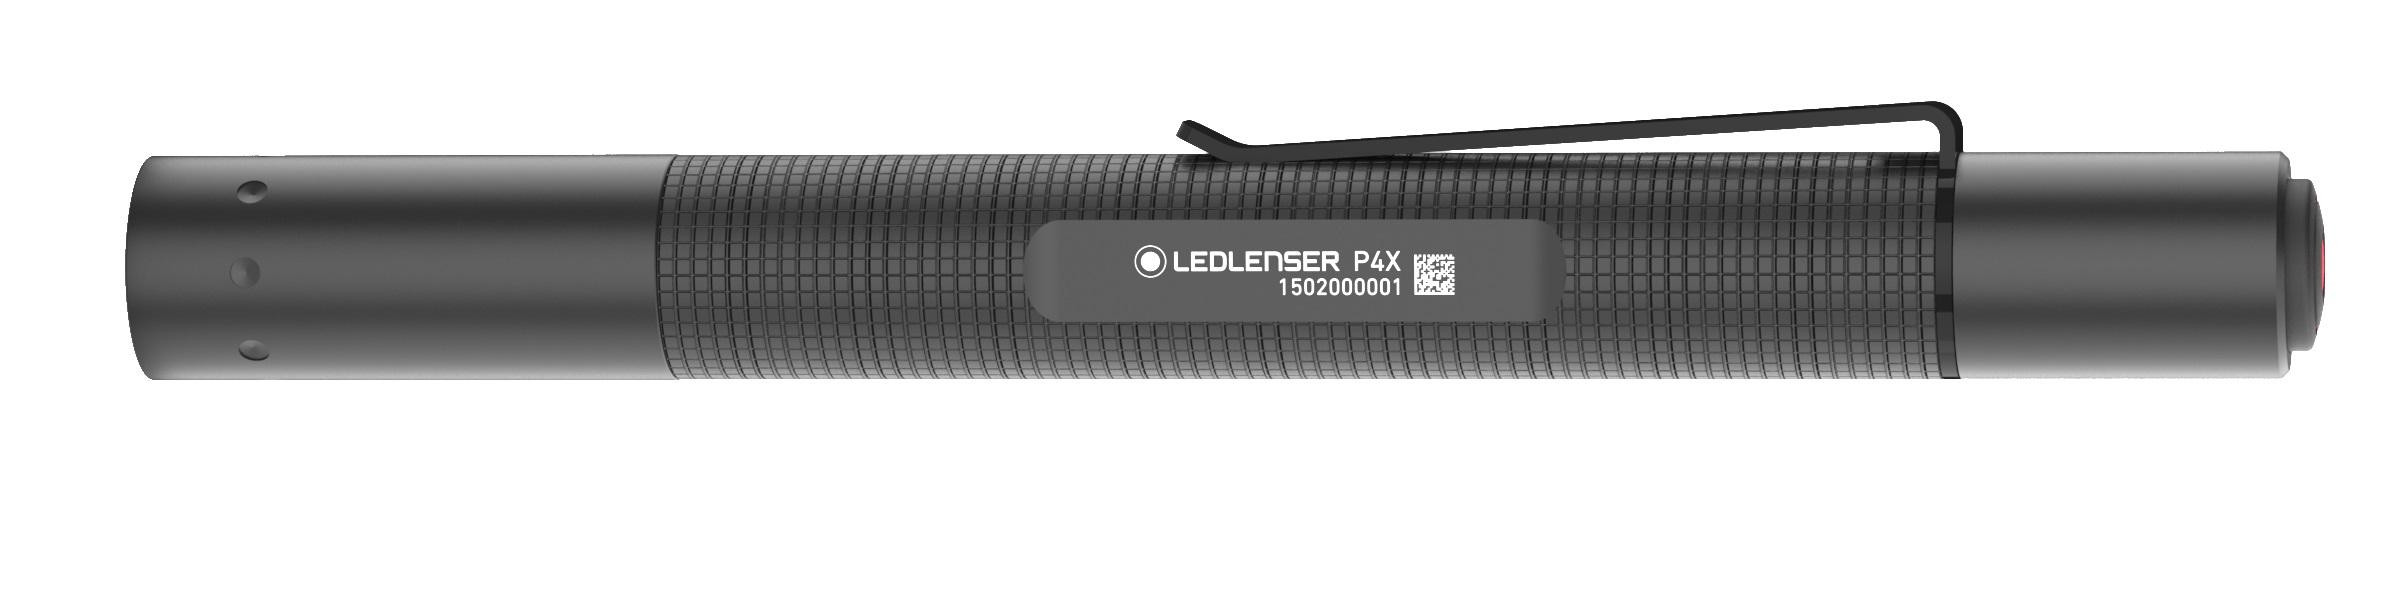 Led Lenser P4X